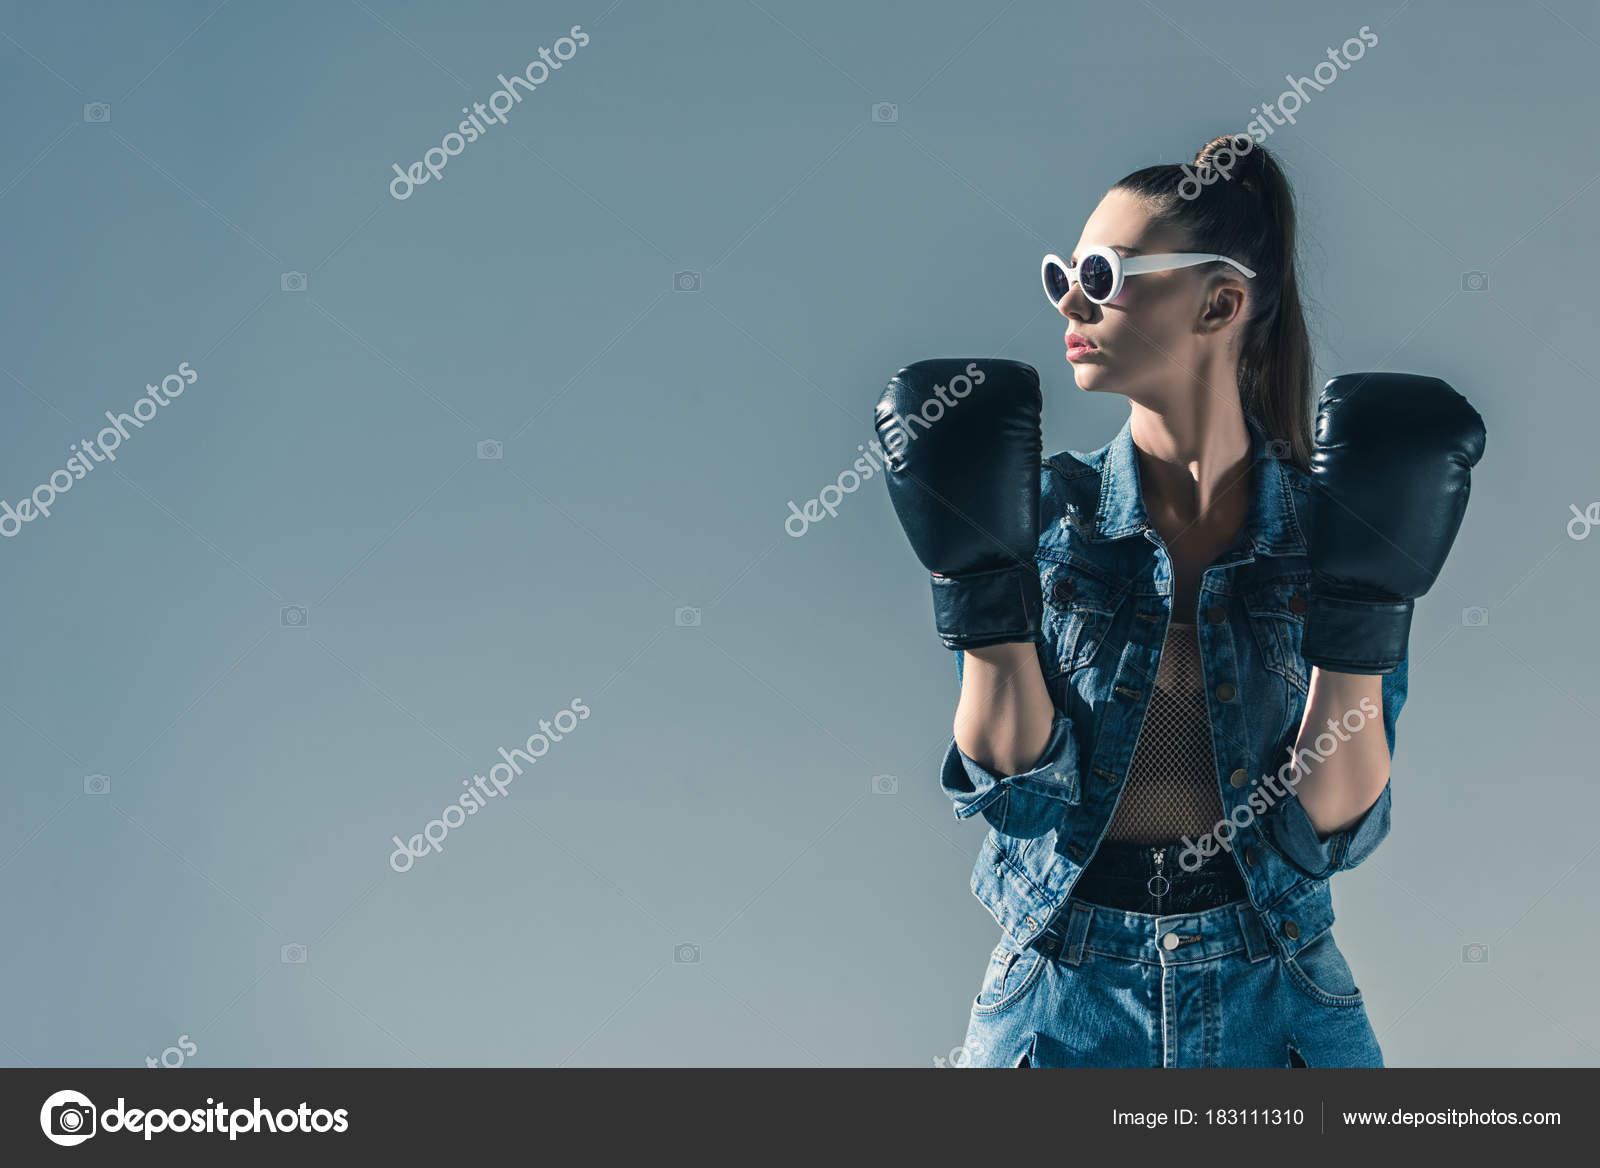 bcf6365e27 Κομψό Κορίτσι Ρούχα Τζιν Και Γυαλιά Ηλίου Που Ποζάρει Γάντια — Φωτογραφία  Αρχείου